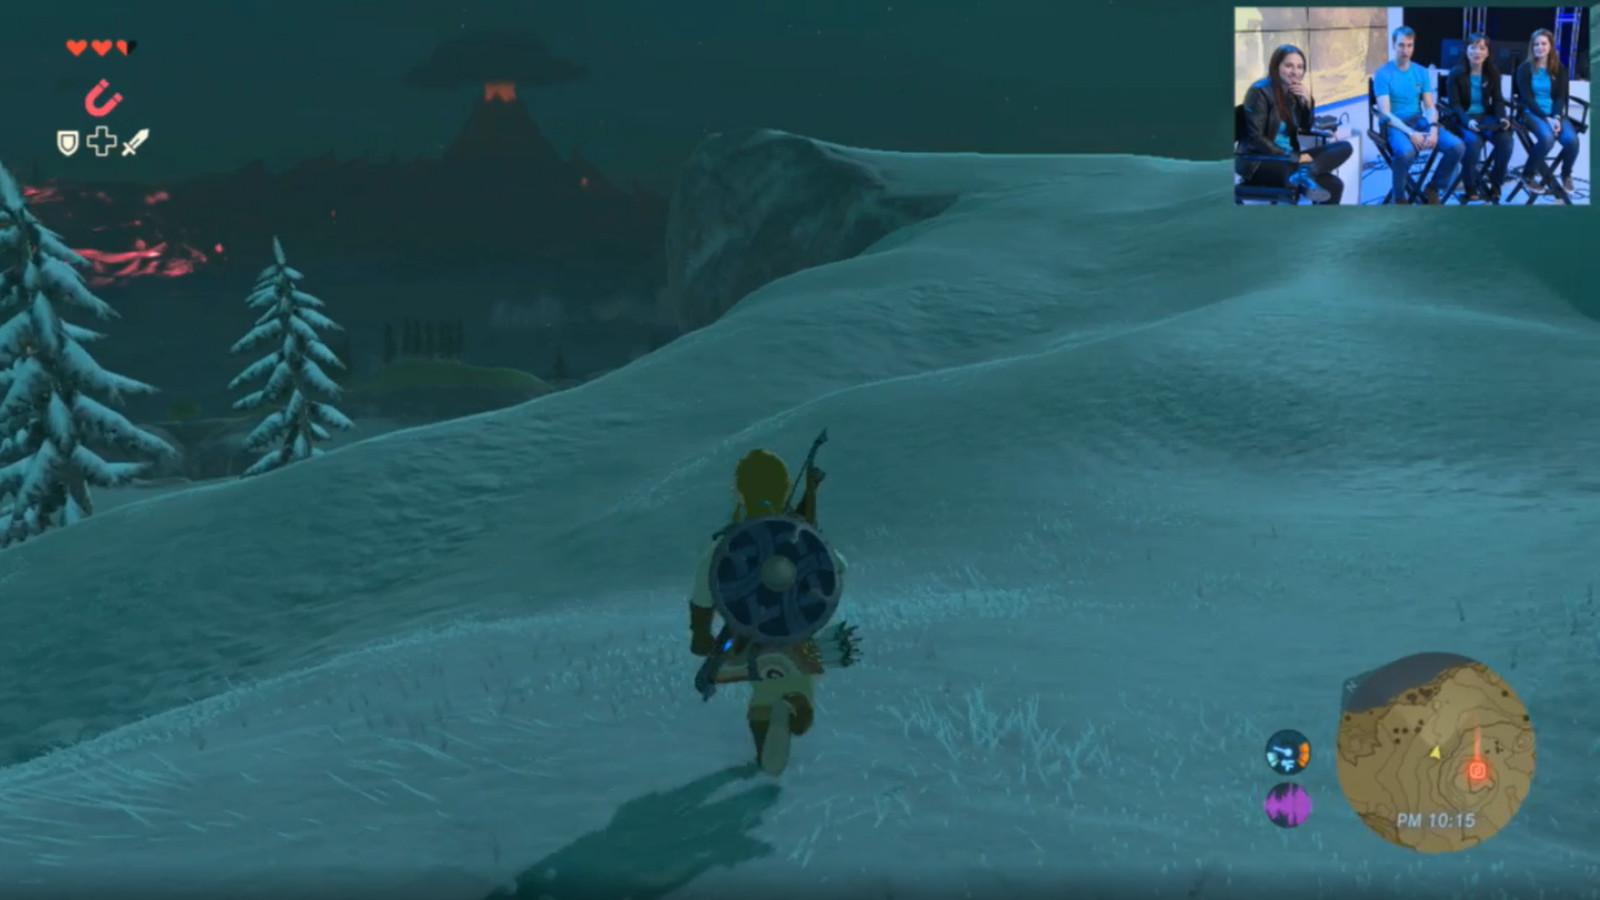 Nintendo's new game is the Zelder Scrolls - The Verge